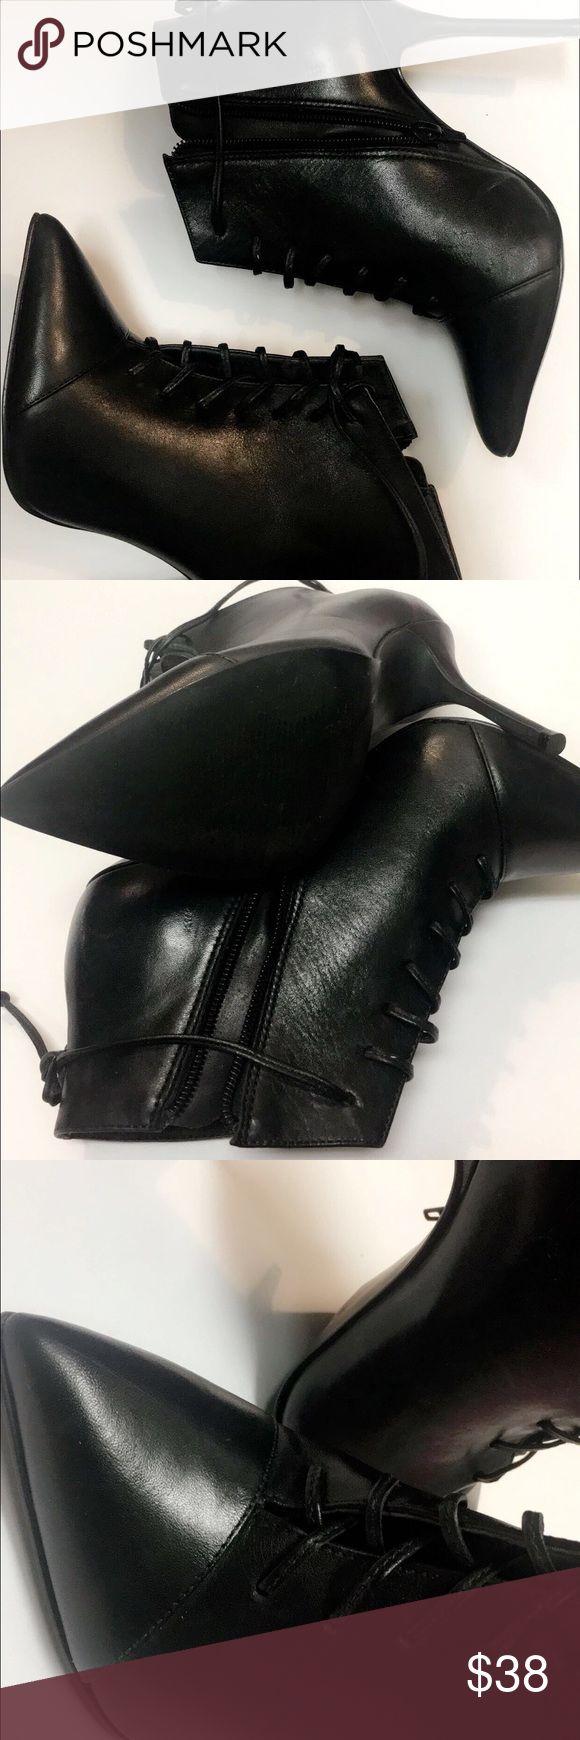 Steve Madden black heels Steve Madden black pointy heels Steve Madden Shoes Ankle Boots & Booties